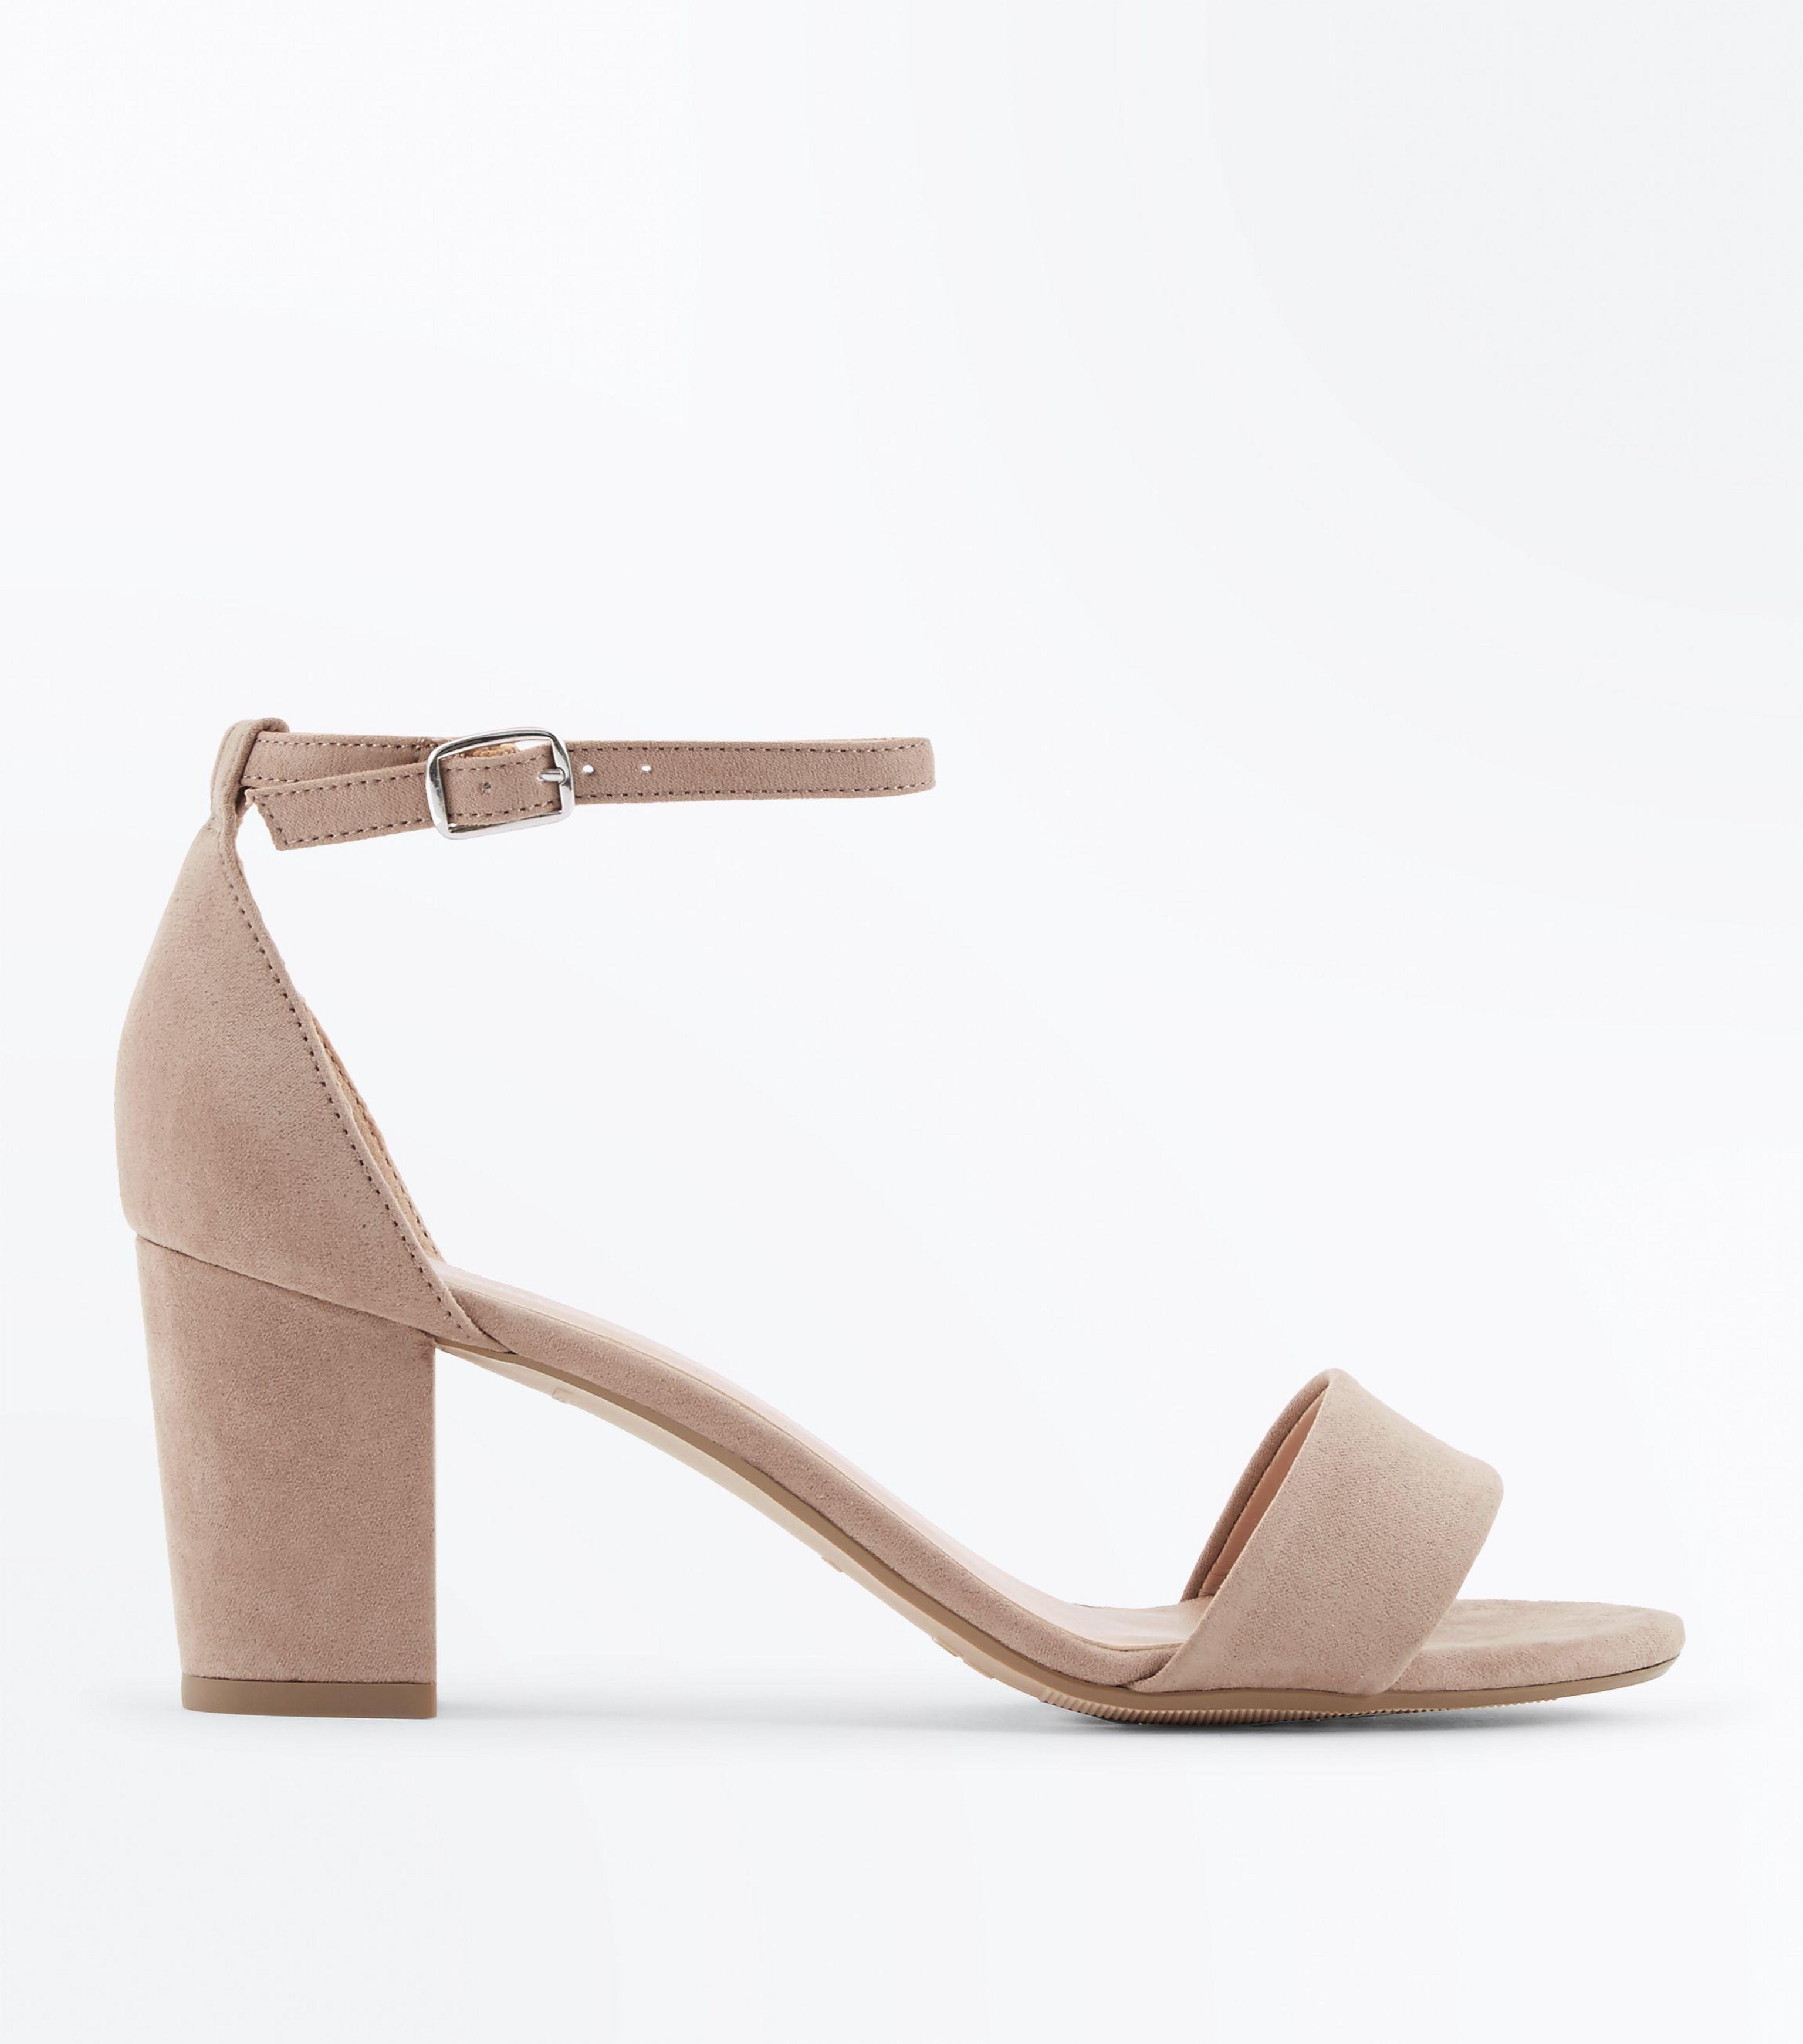 40a4b3b54992 New Look Teens Light Brown Suedette Block Heels in Brown - Lyst